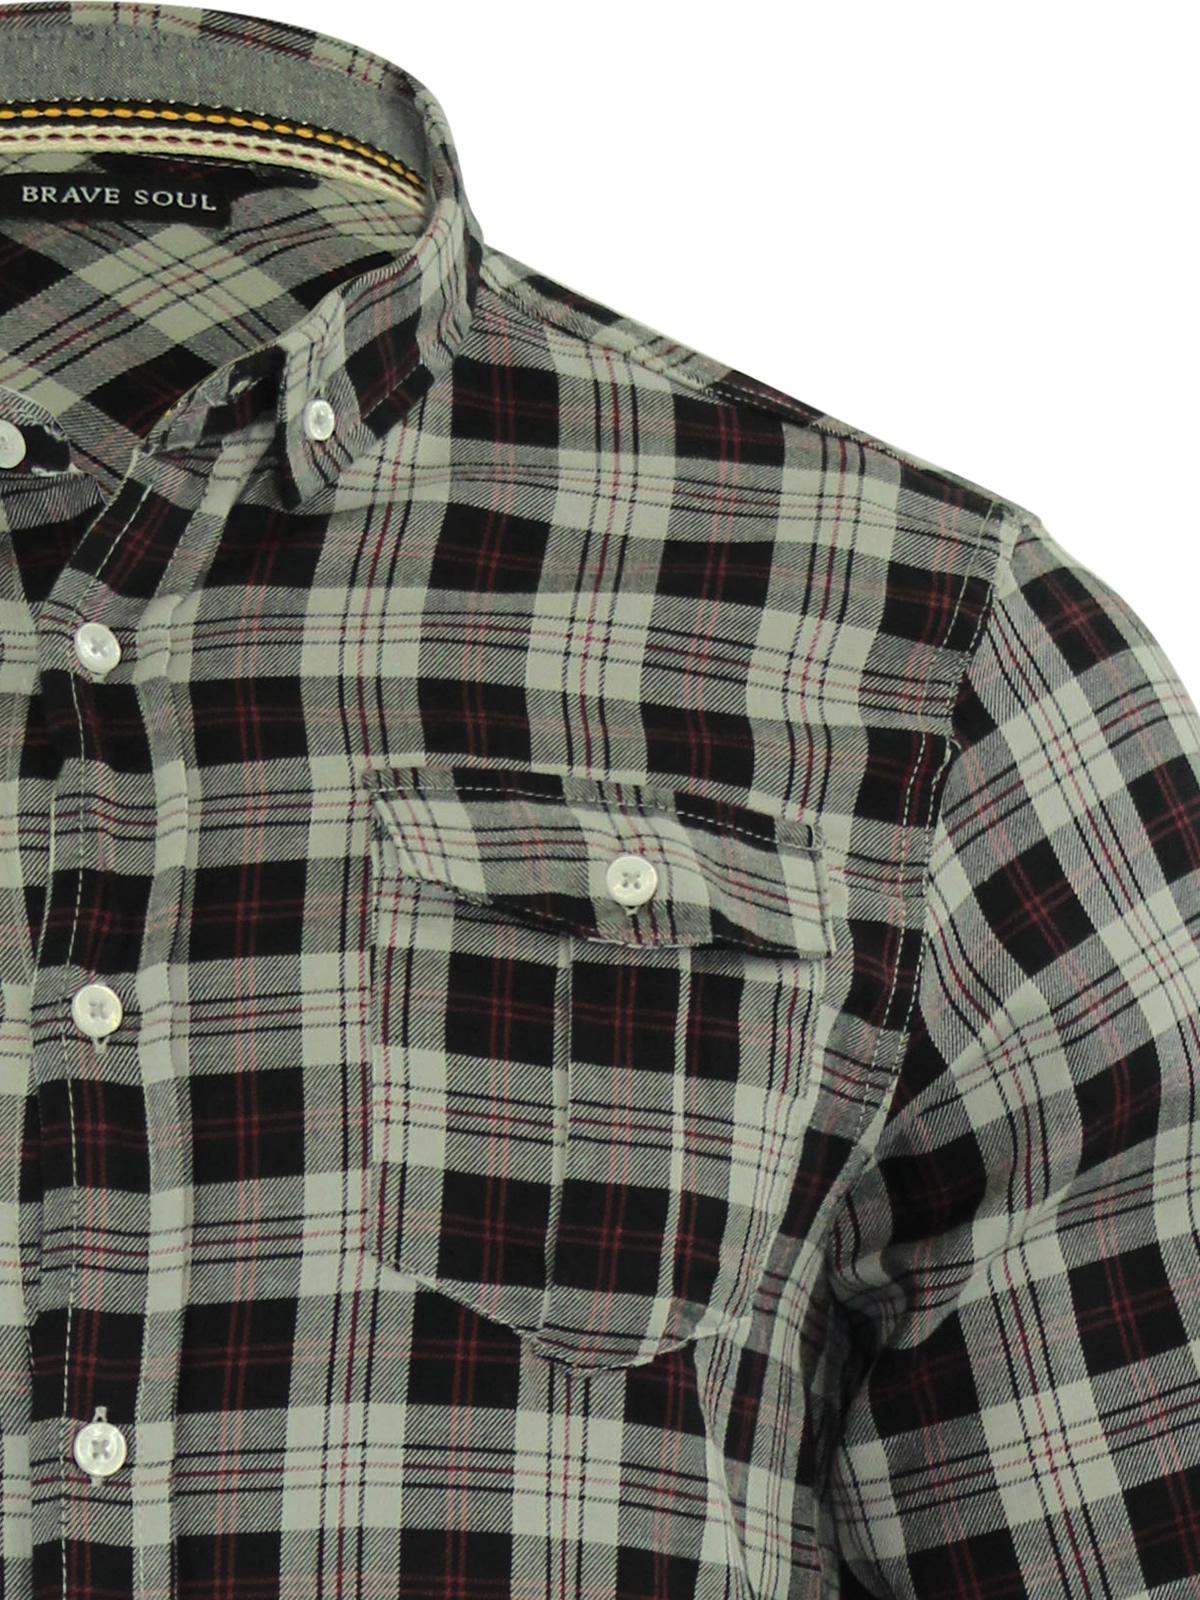 Brave Soul CONO Mens Check camicia cotone manica lunga Top Casual